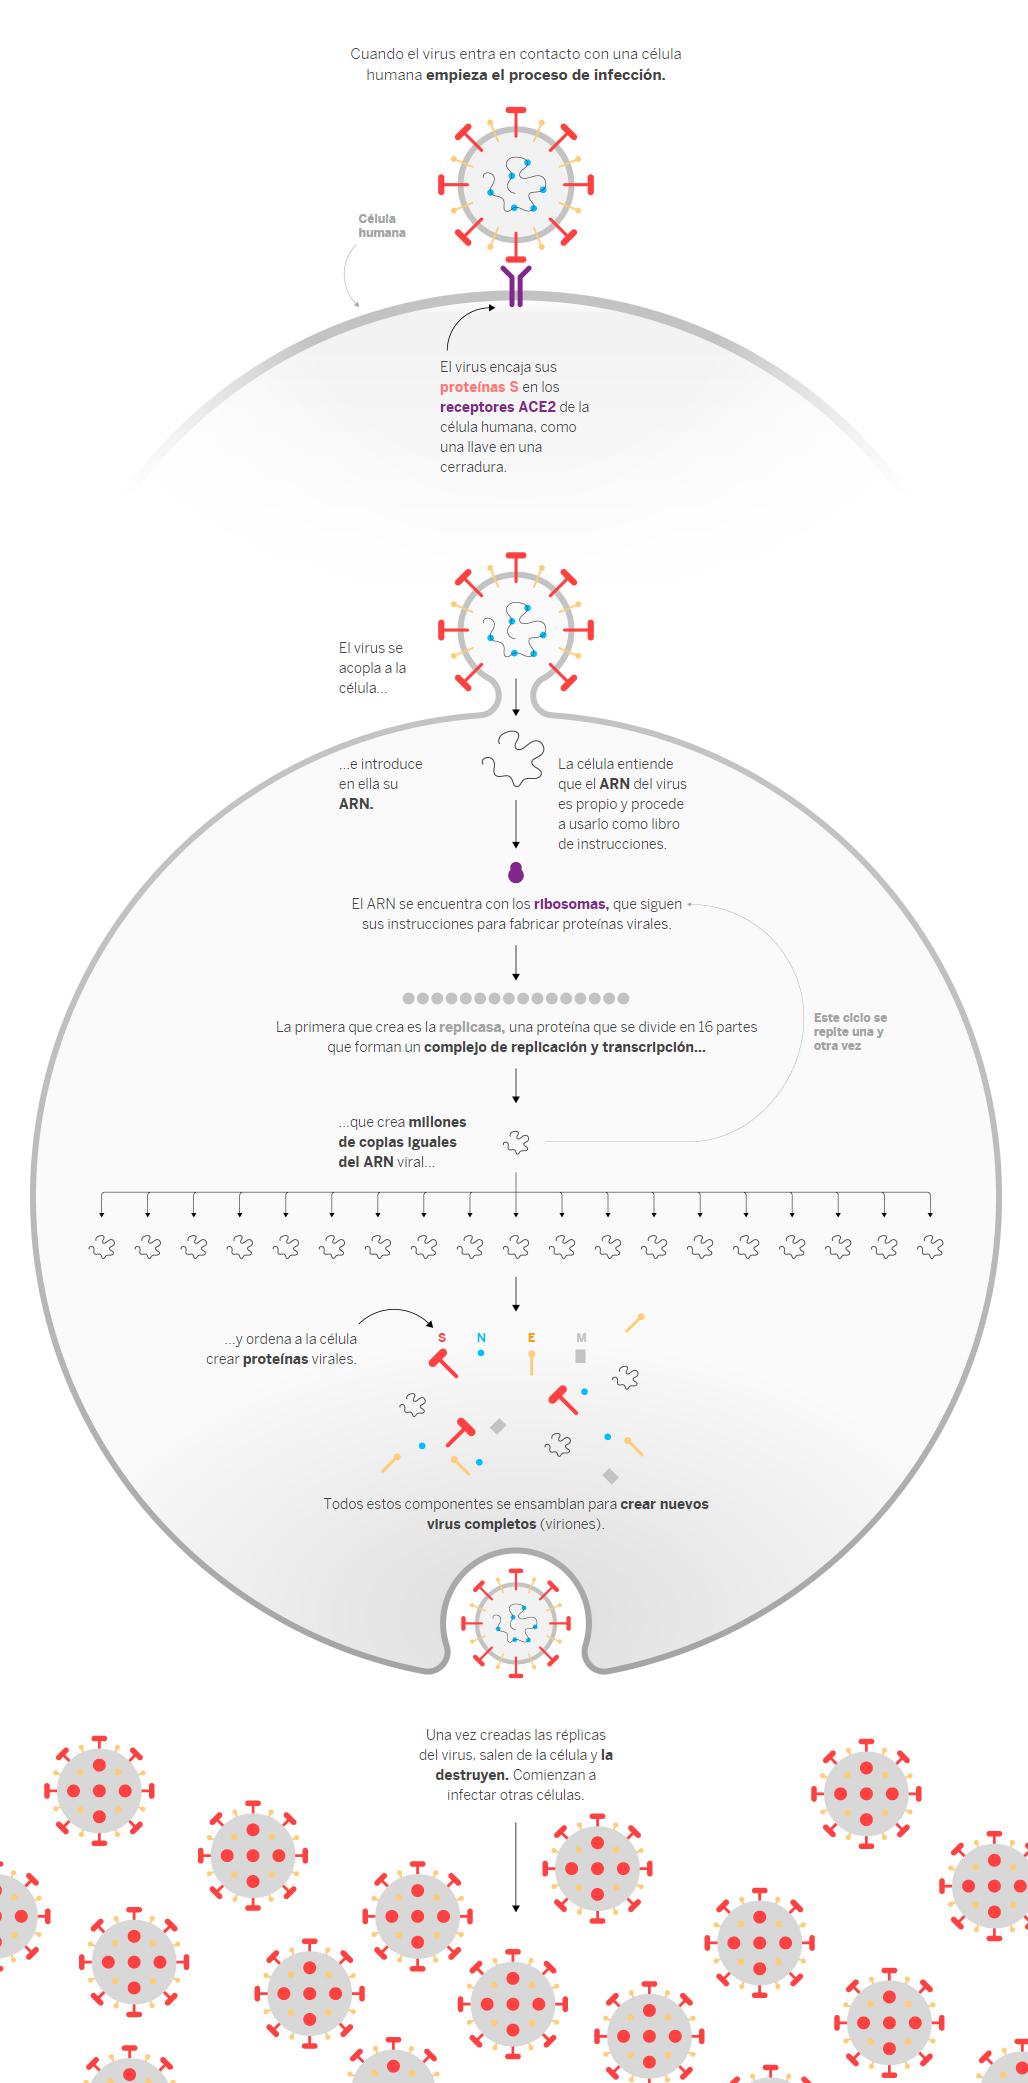 Cuando el virus entra en contacto con una célula humana empieza el proceso de infección.